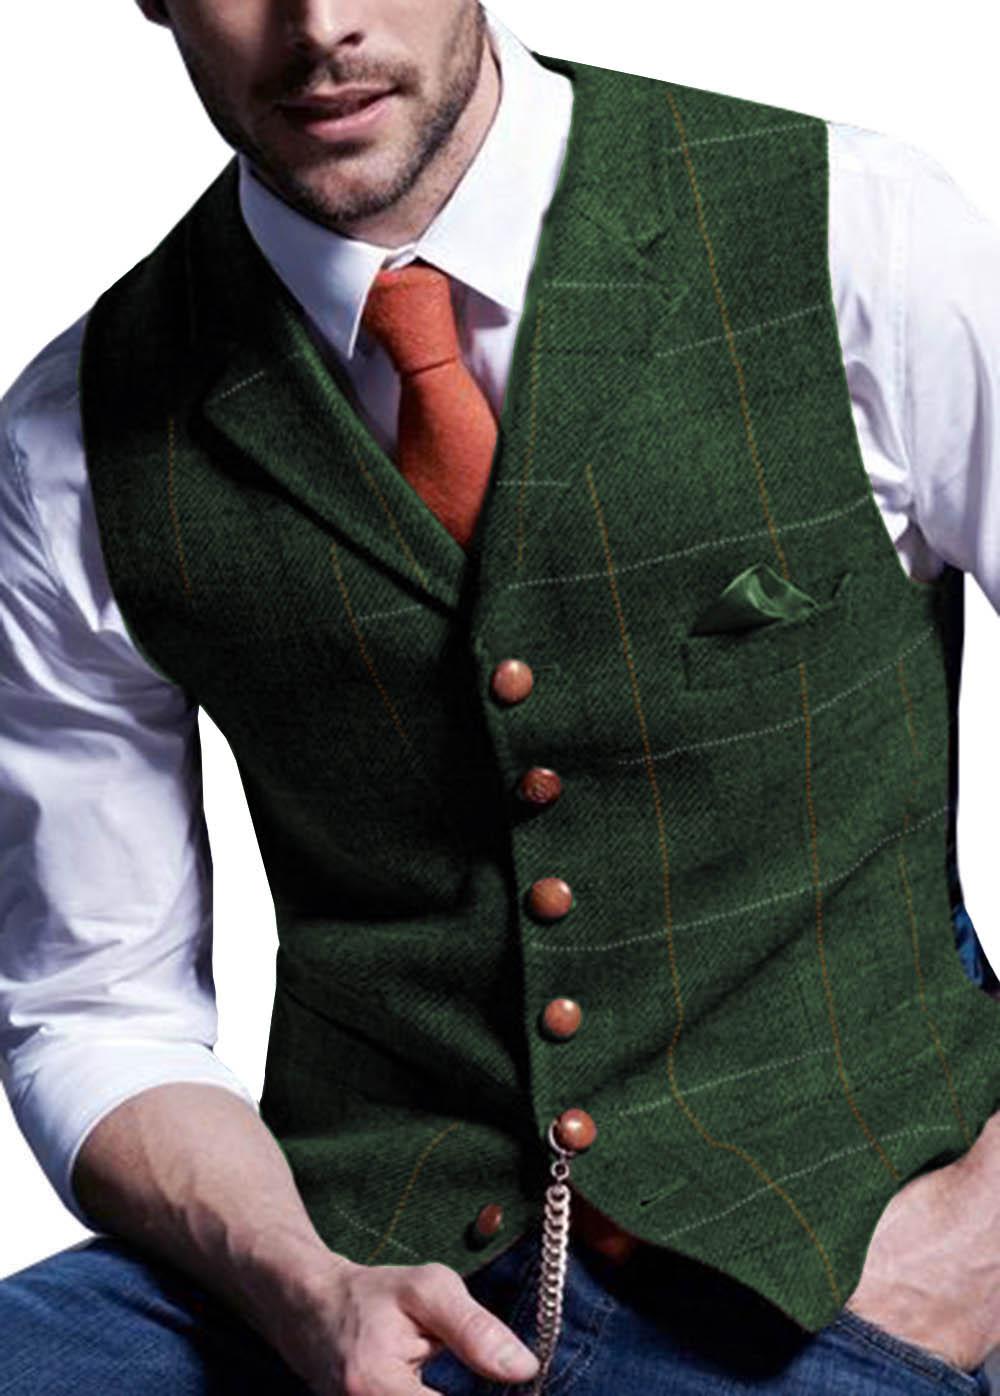 bc8220a4c078 Suit Vest Tweed Waistcoat Plaid Herringbone Business Wool Formal Casual  Mens Green/grey